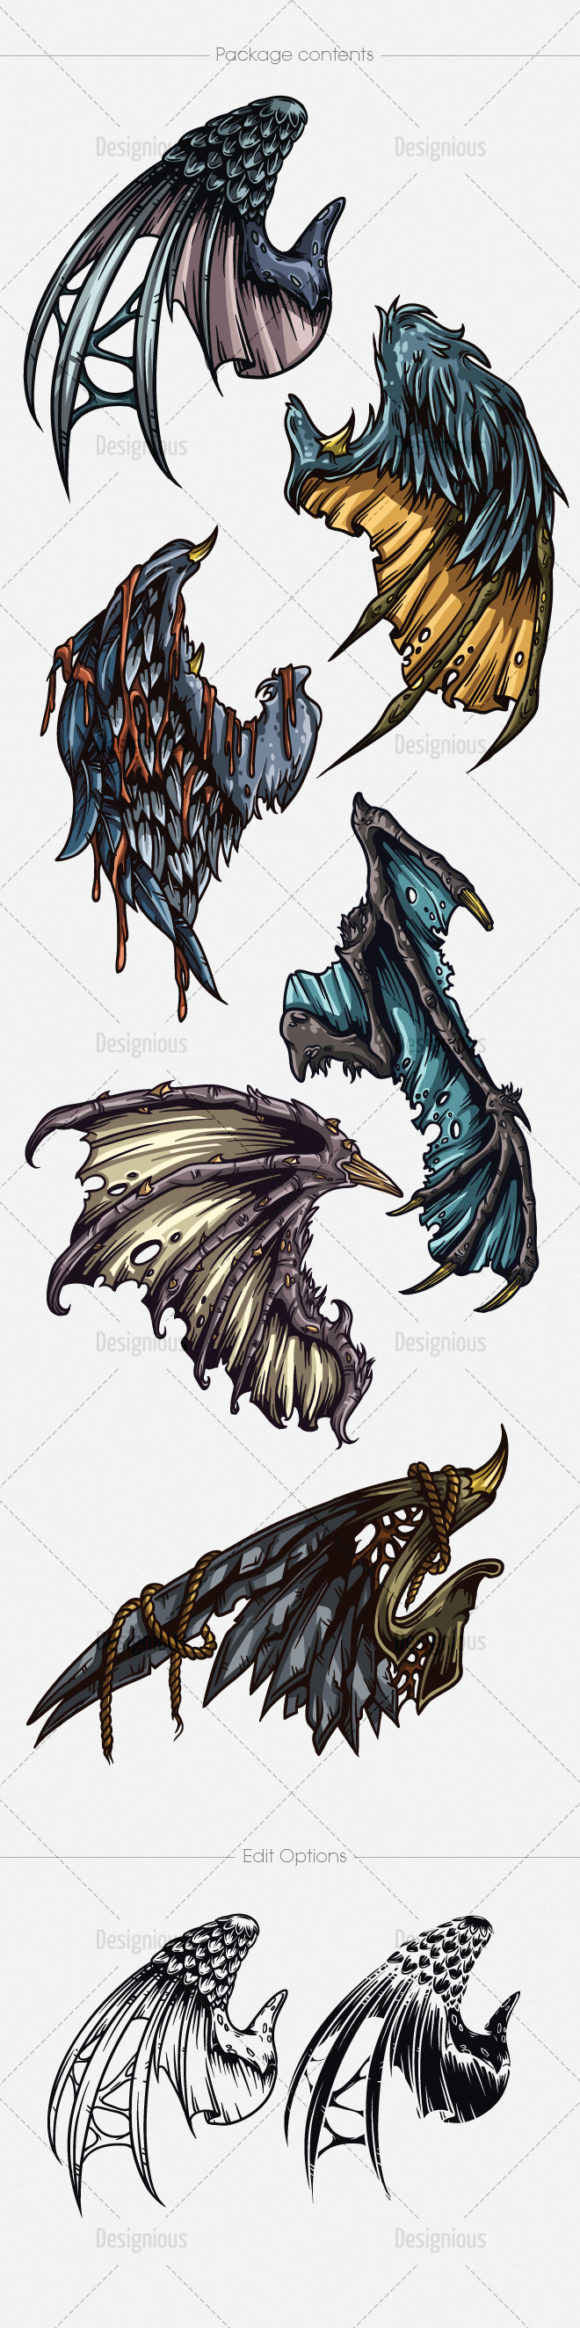 Wings Vector Pack 21 6